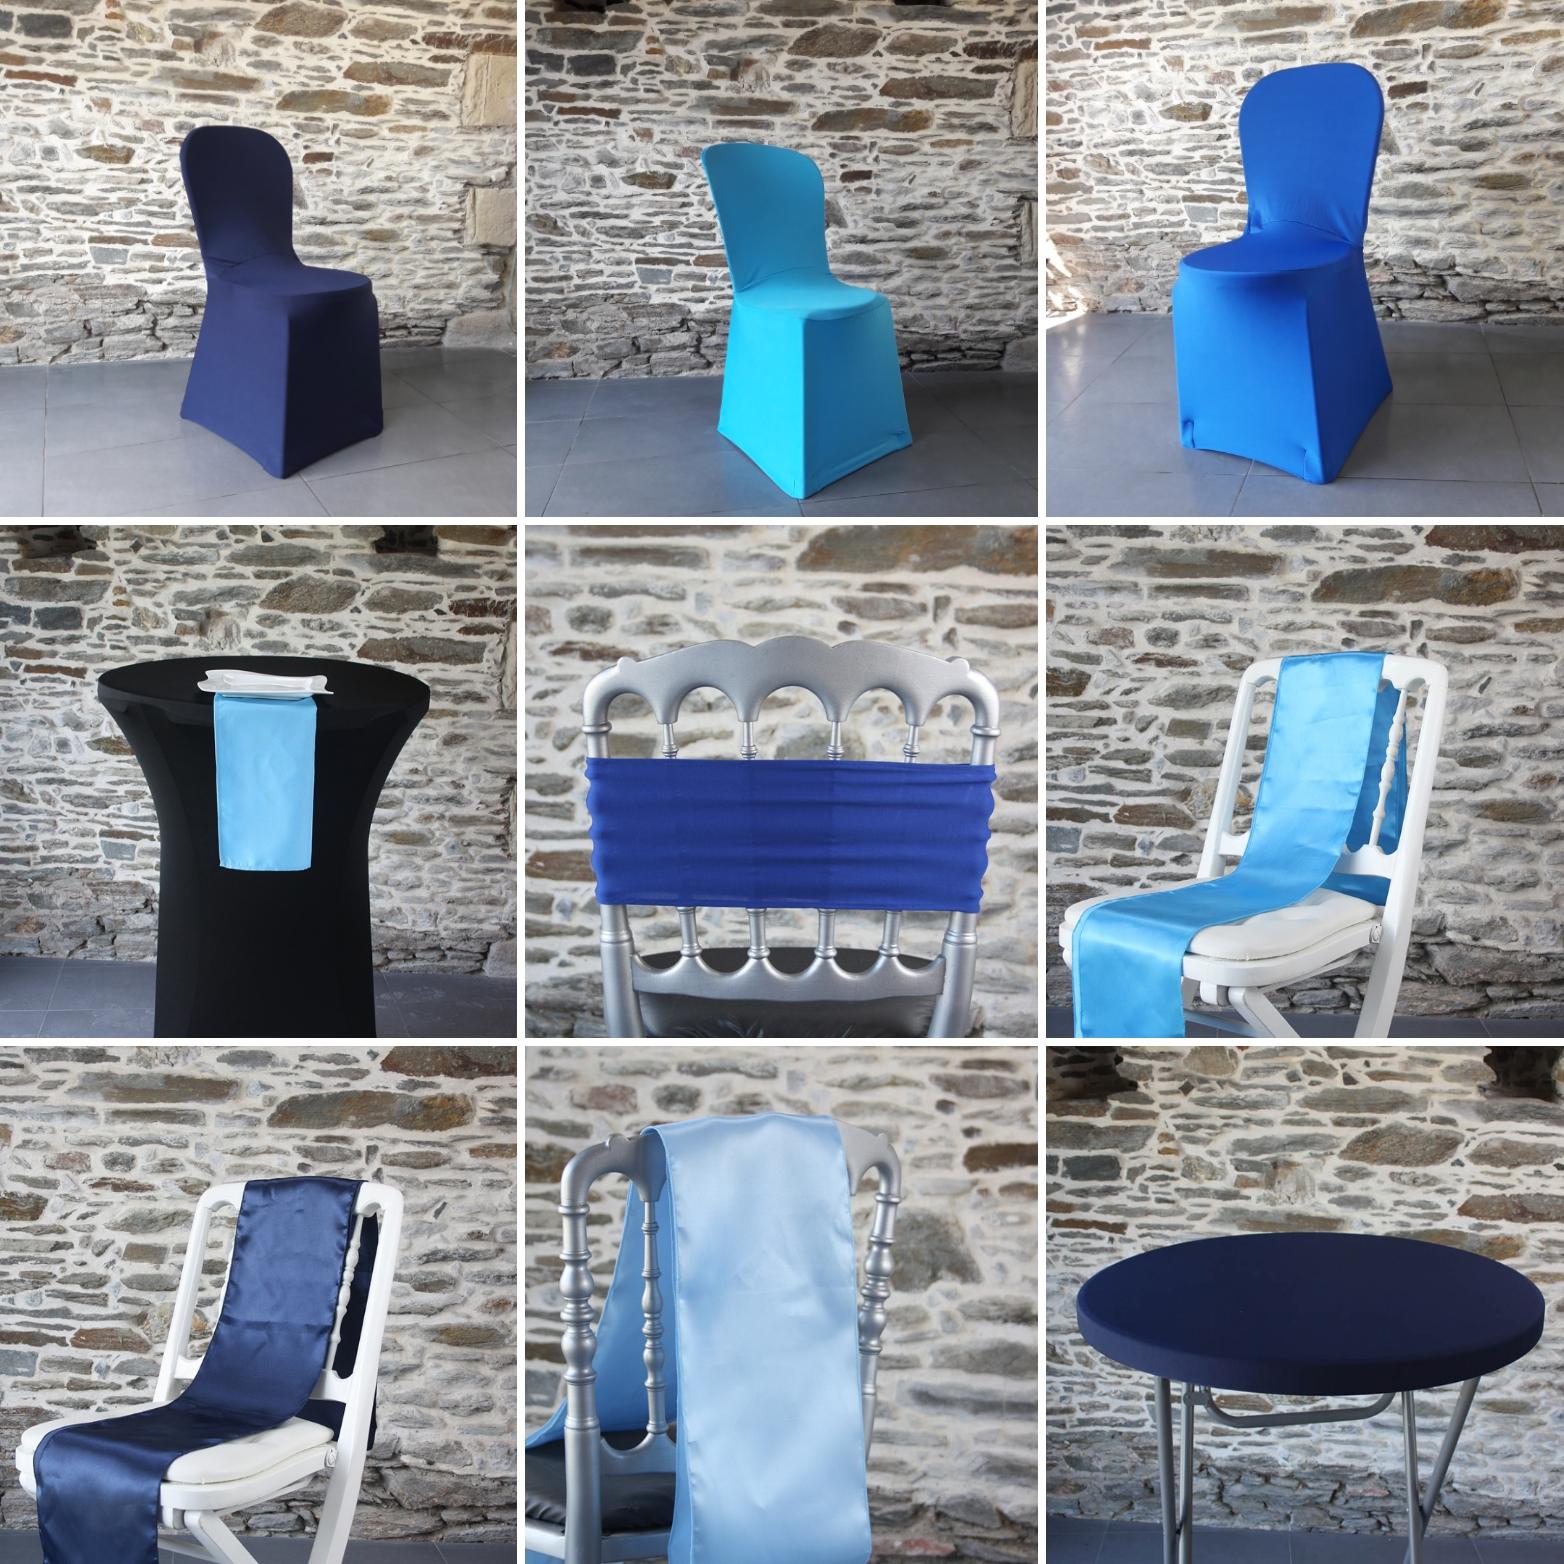 tendance au bleu pour l'hiver 2019 : housse de chaise bleue, noeud de chaise bleus, housse de mange debout bleu, serviette bleue